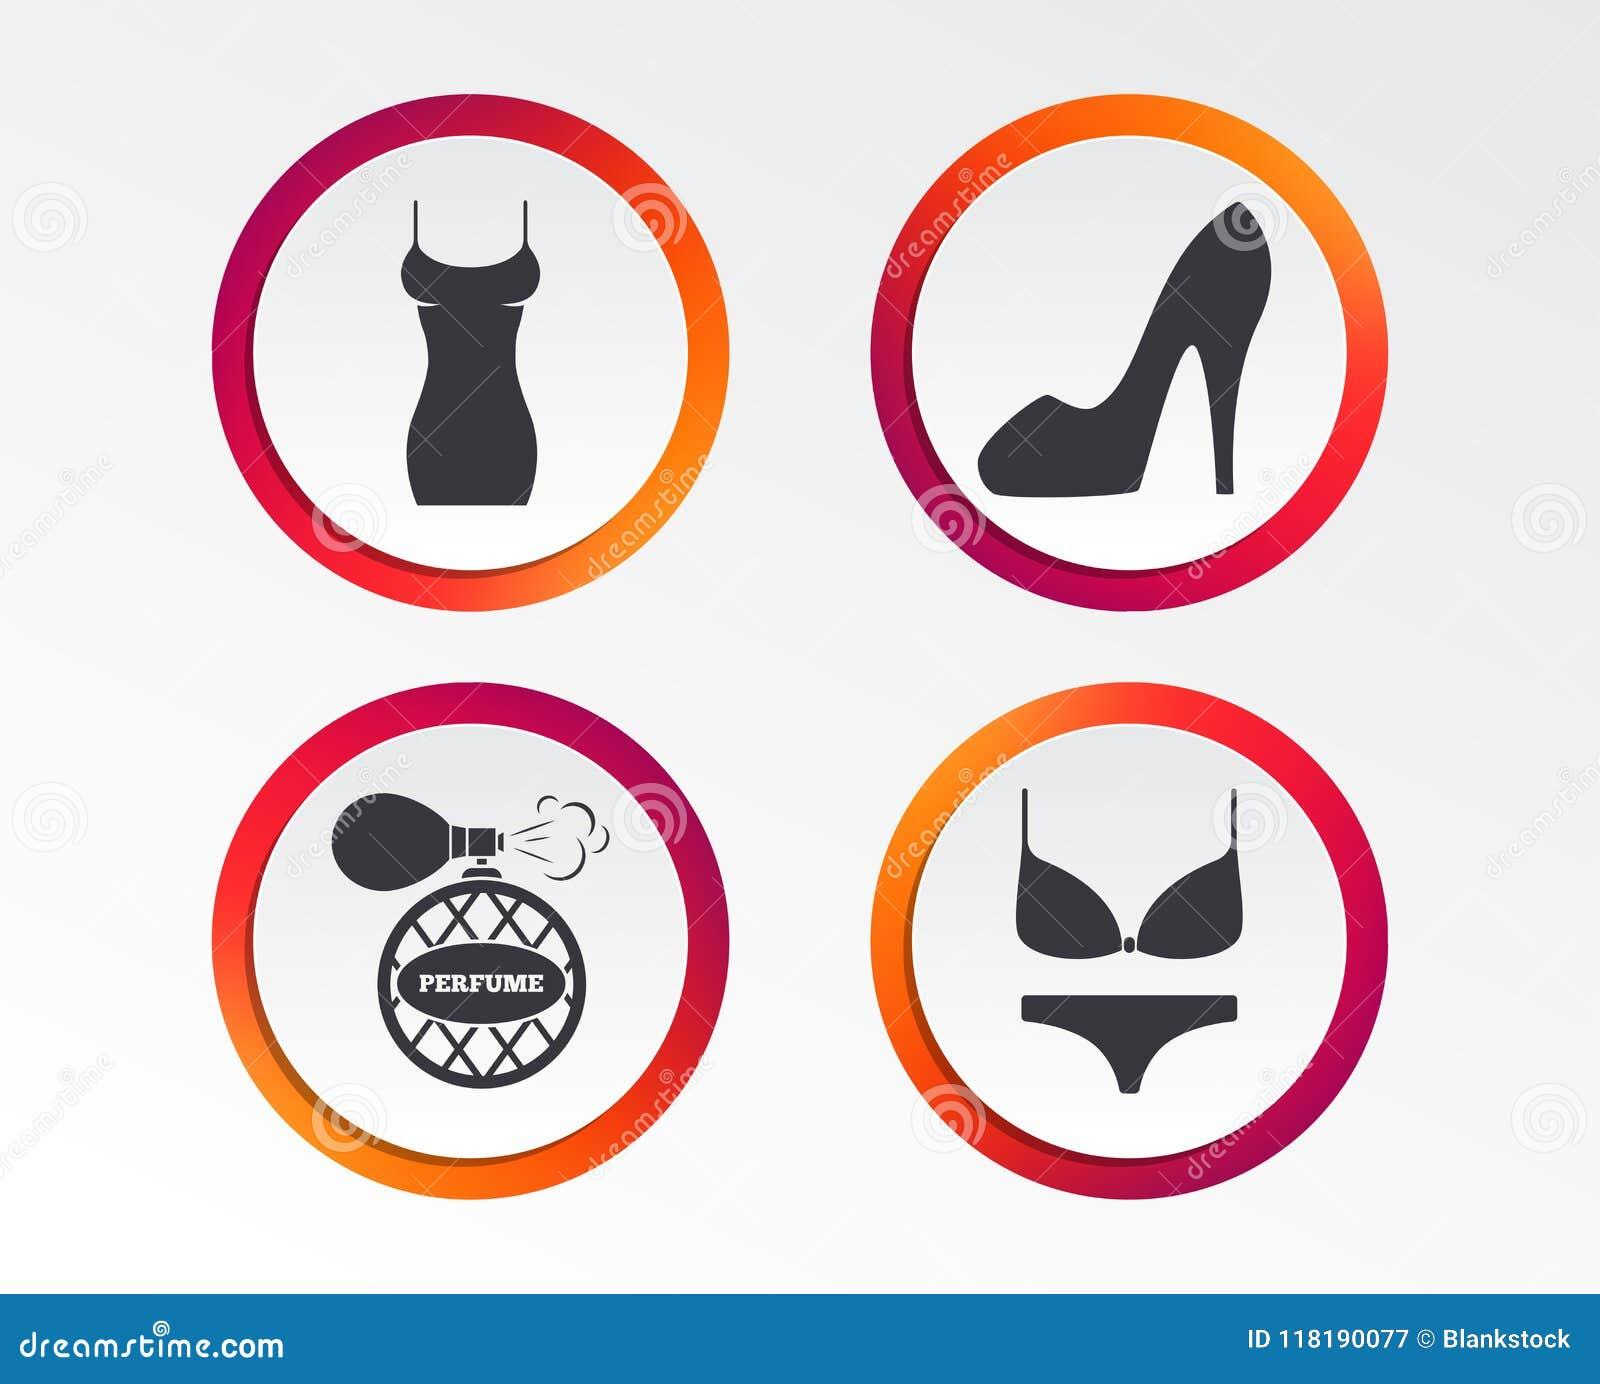 礼服标志象香水的插画例证性感女星向量.妇女李优台湾性感写真鞋子图片